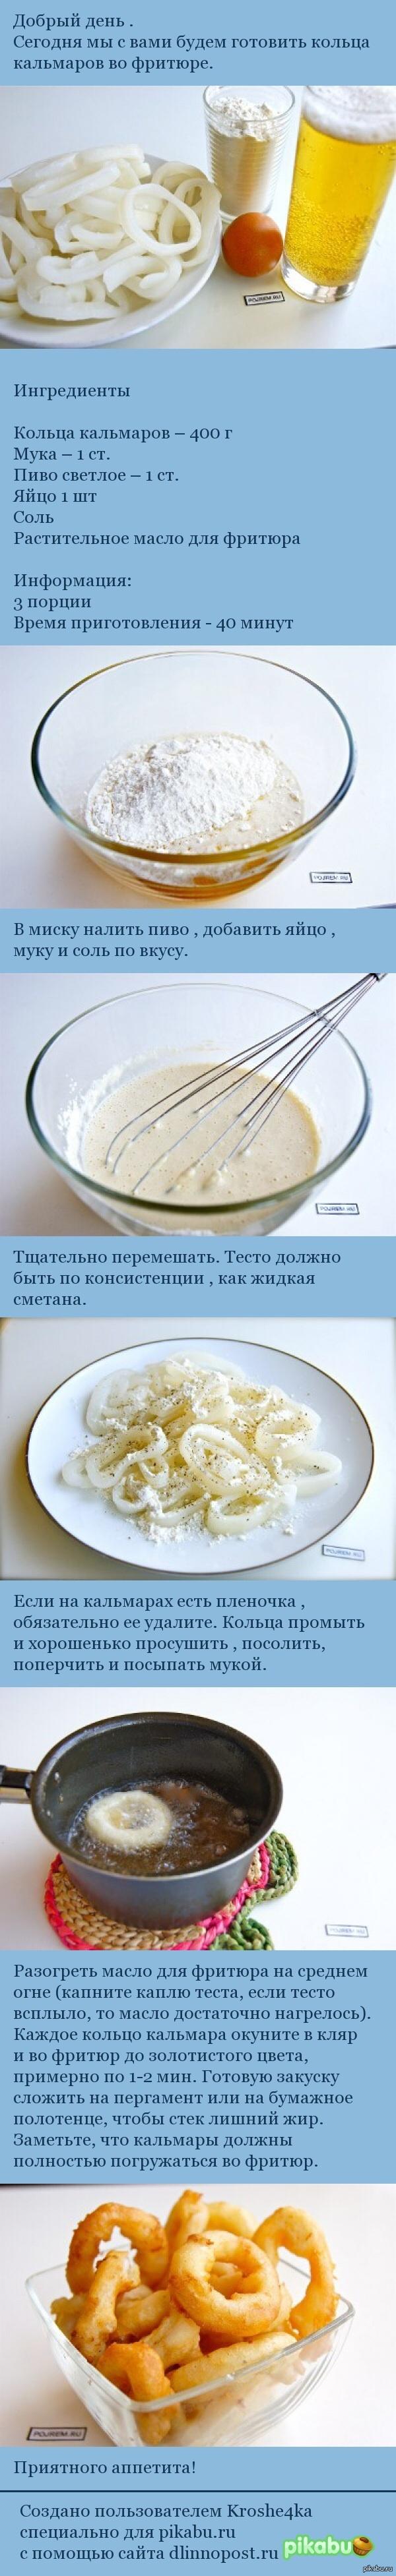 Как приготовить кальмары кольца в кляре